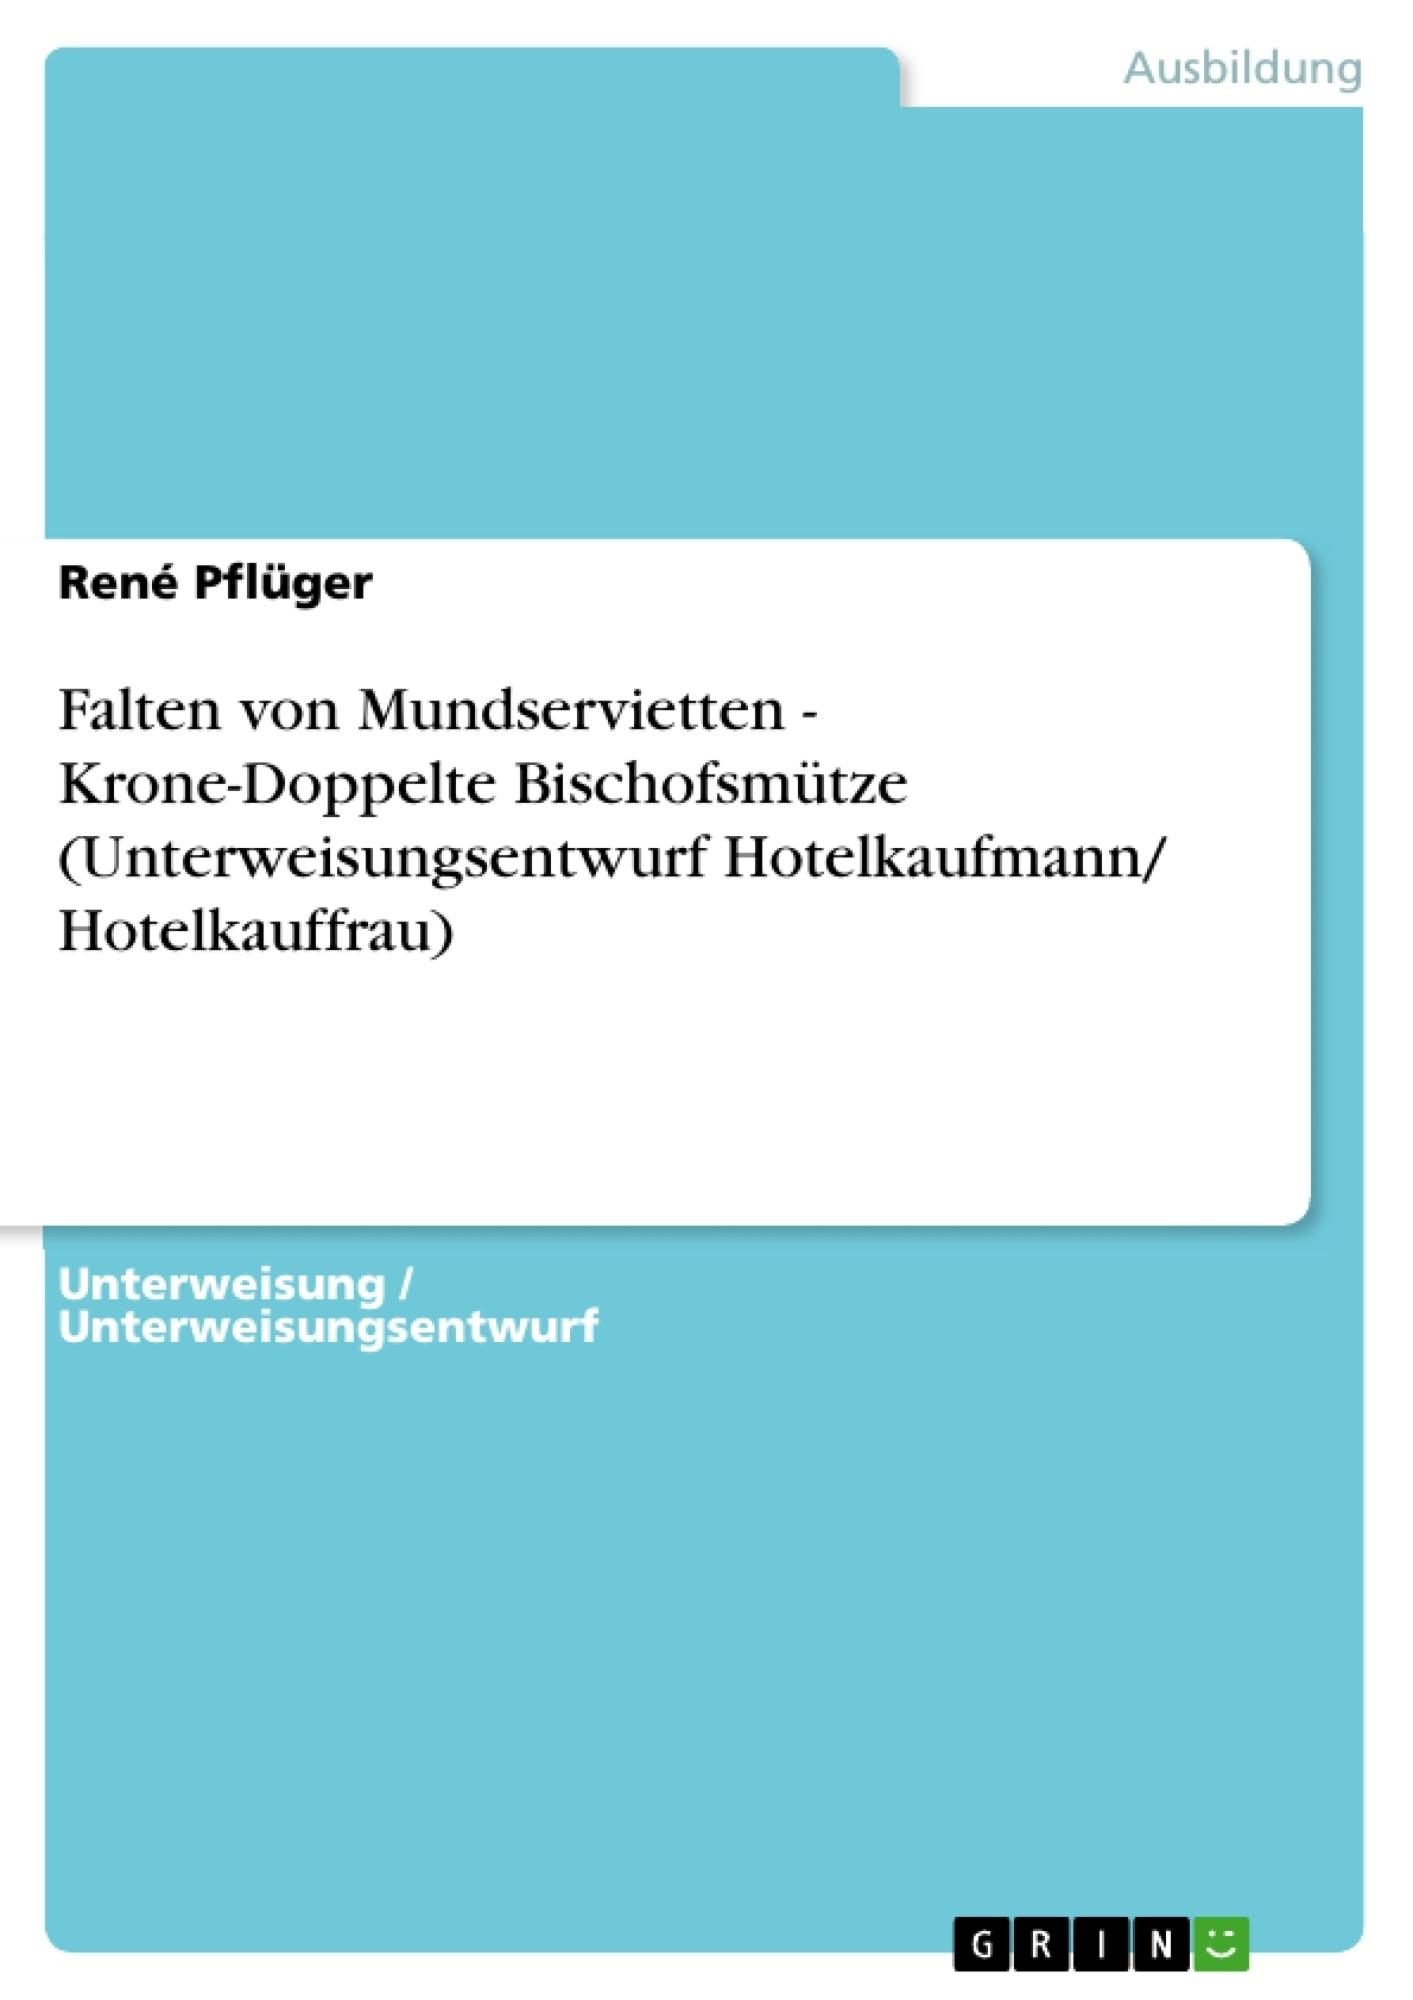 Titel: Falten von Mundservietten - Krone-Doppelte Bischofsmütze (Unterweisungsentwurf Hotelkaufmann/ Hotelkauffrau)